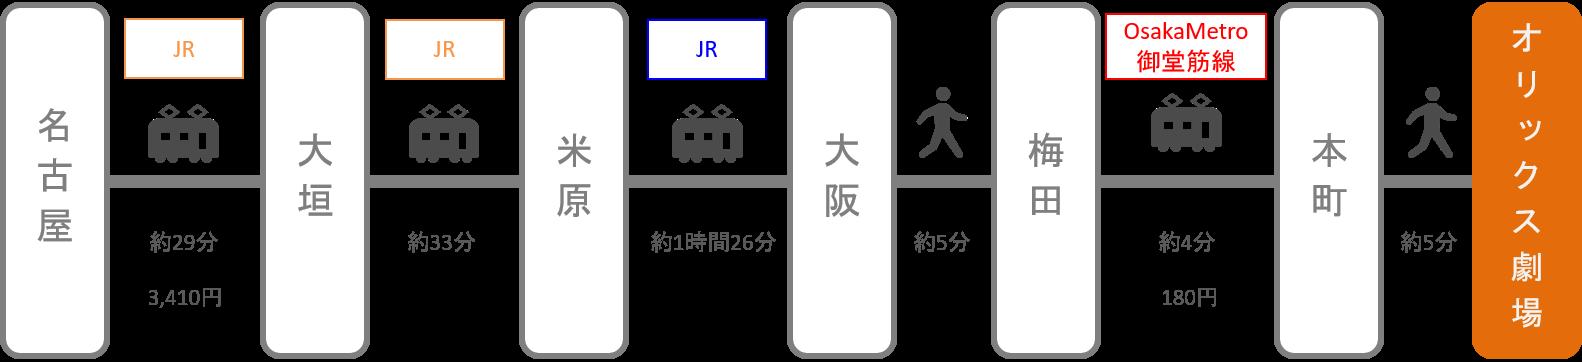 オリックス劇場_名古屋(愛知)_電車